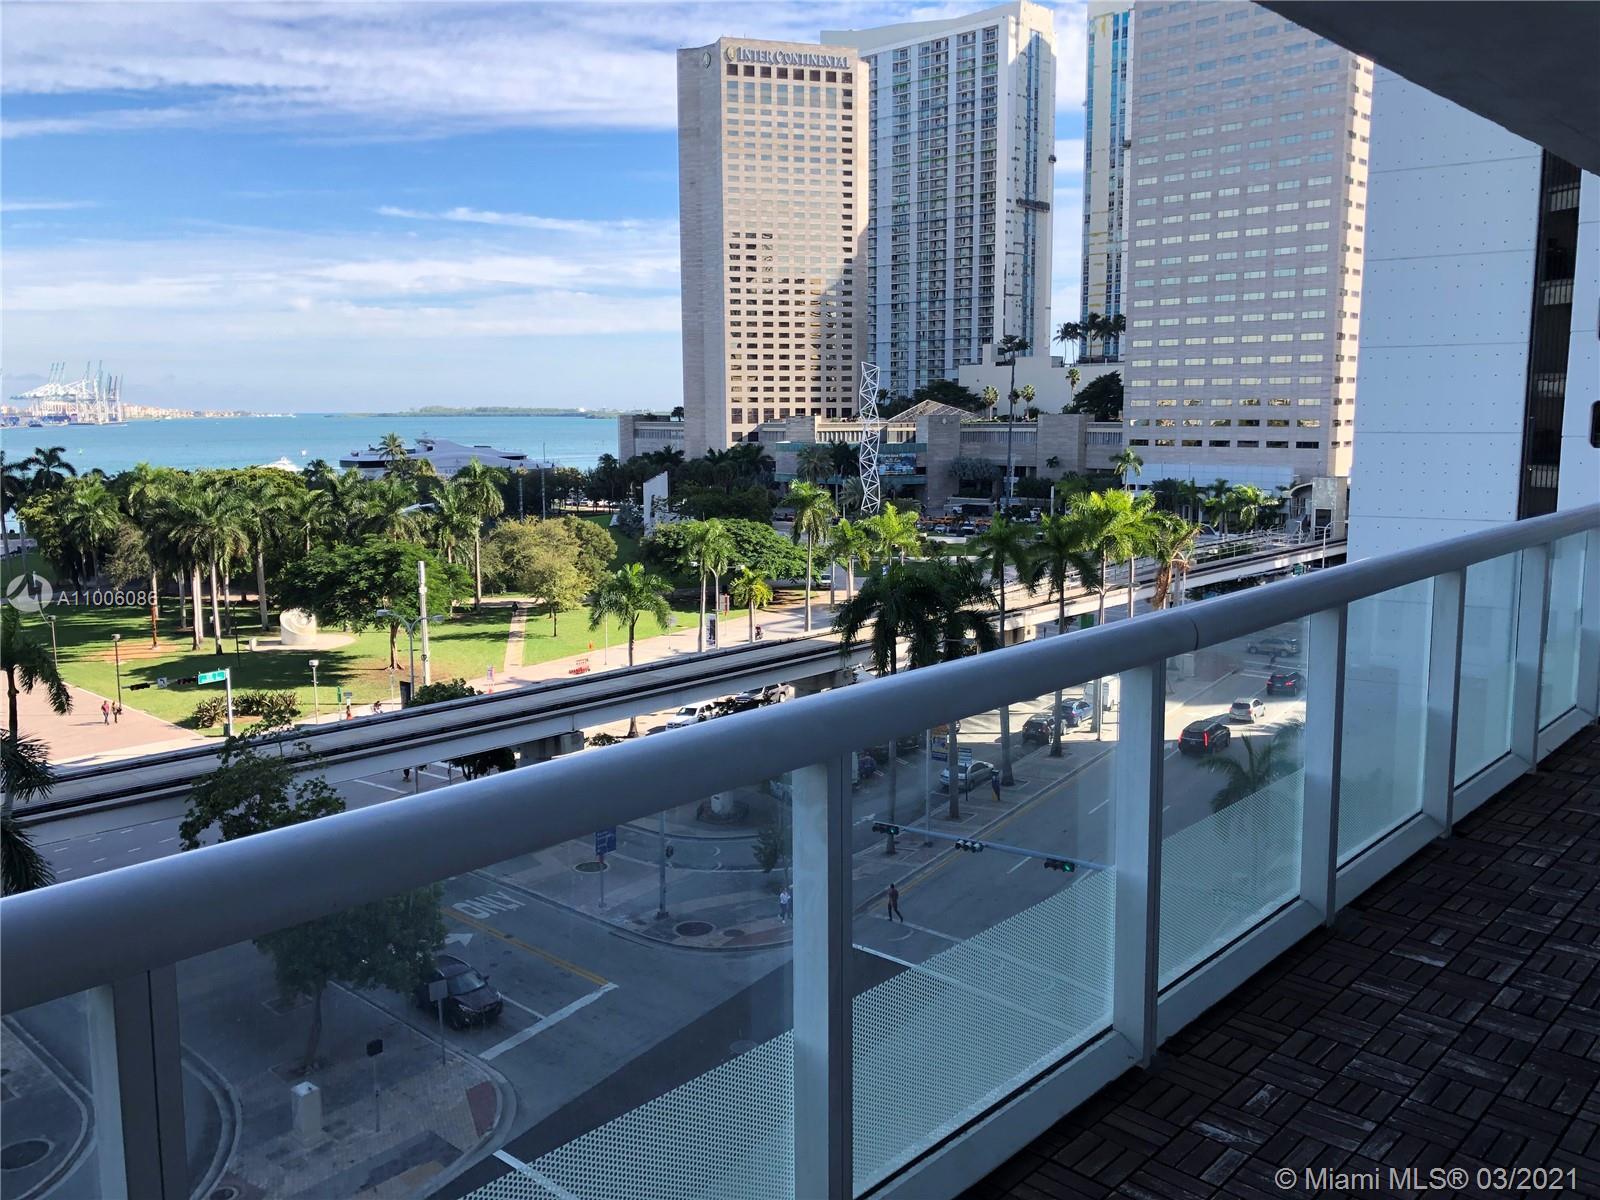 50 Biscayne #712 - 50 Biscayne Blvd #712, Miami, FL 33132